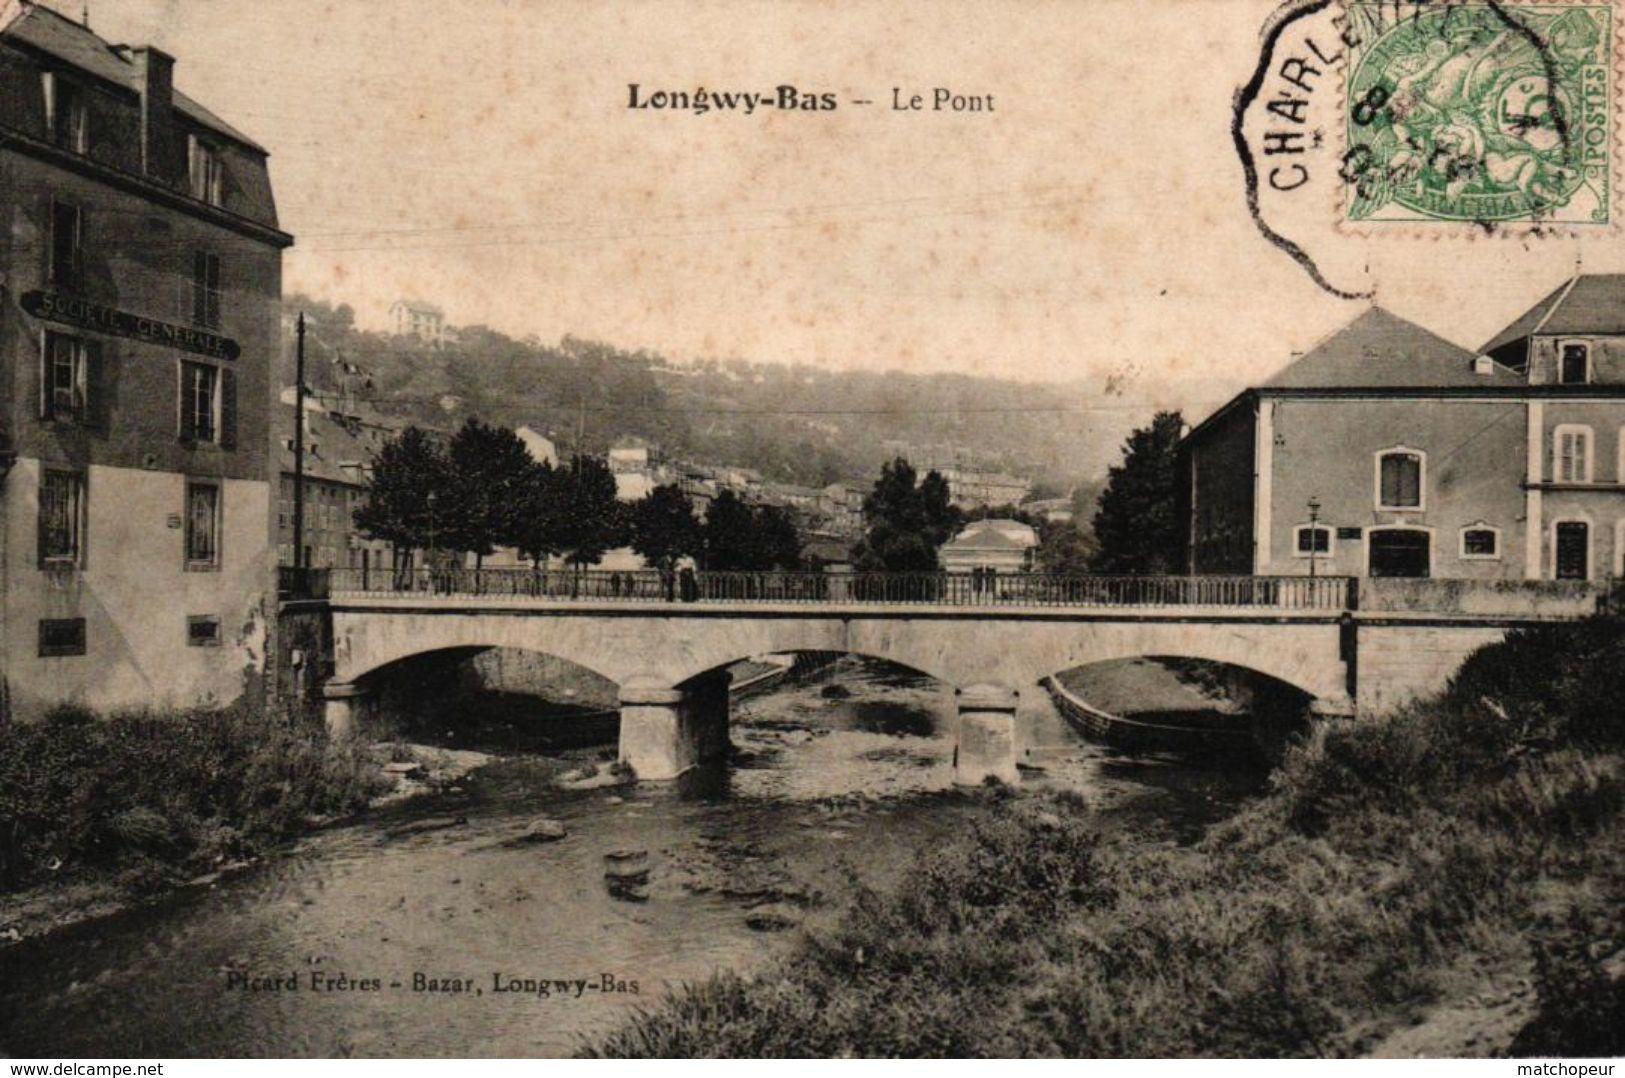 LONGWY BAS -54- LE PONT - Longwy